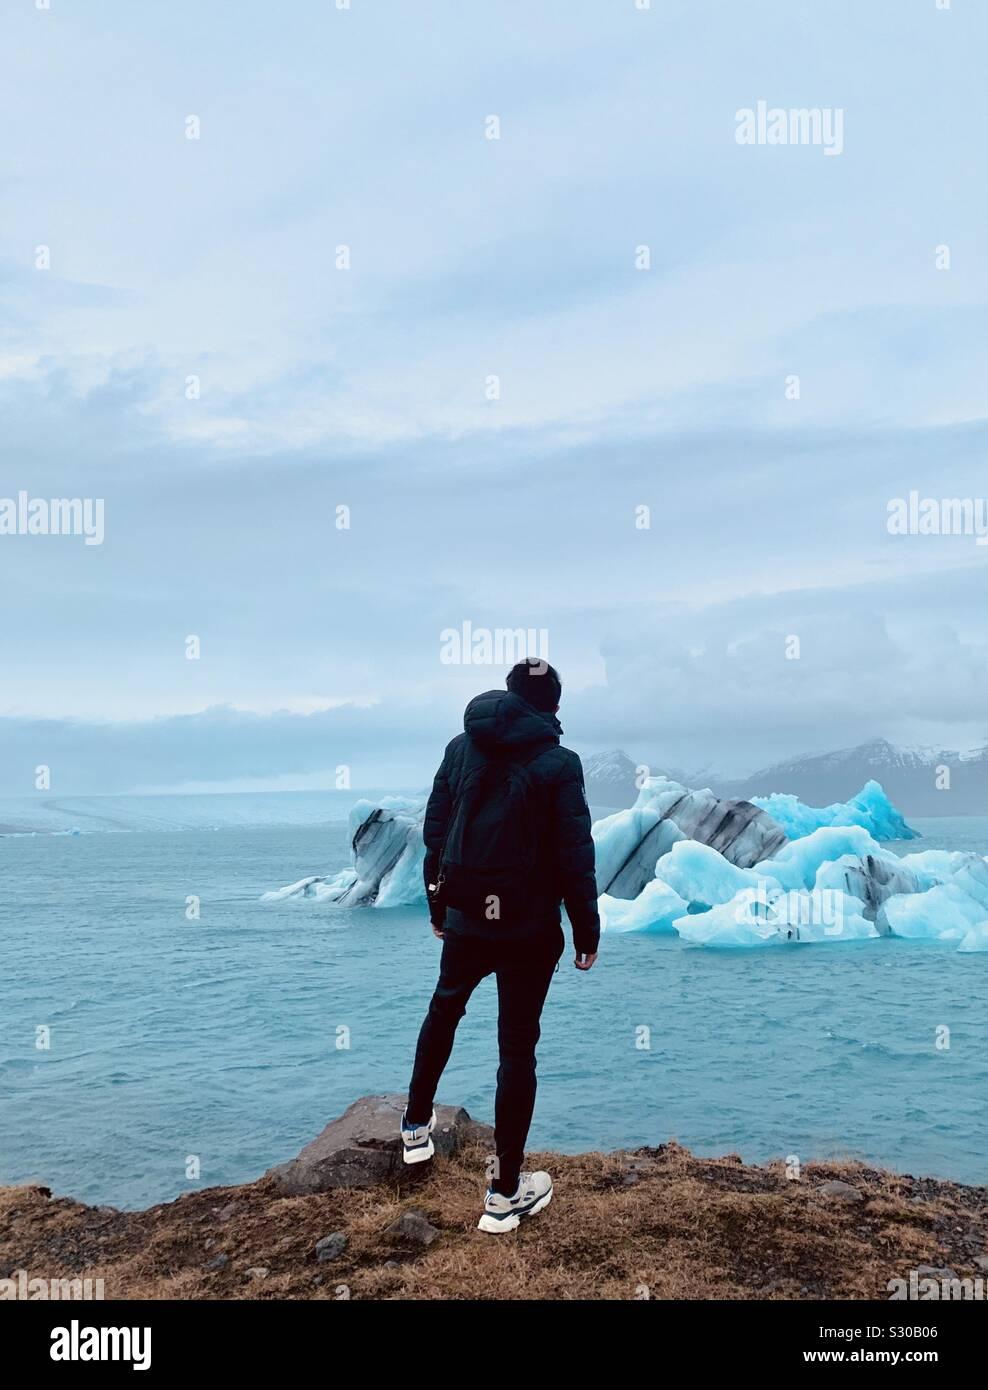 Il ghiaccio naturale che non è stato creato da un essere umano Foto Stock